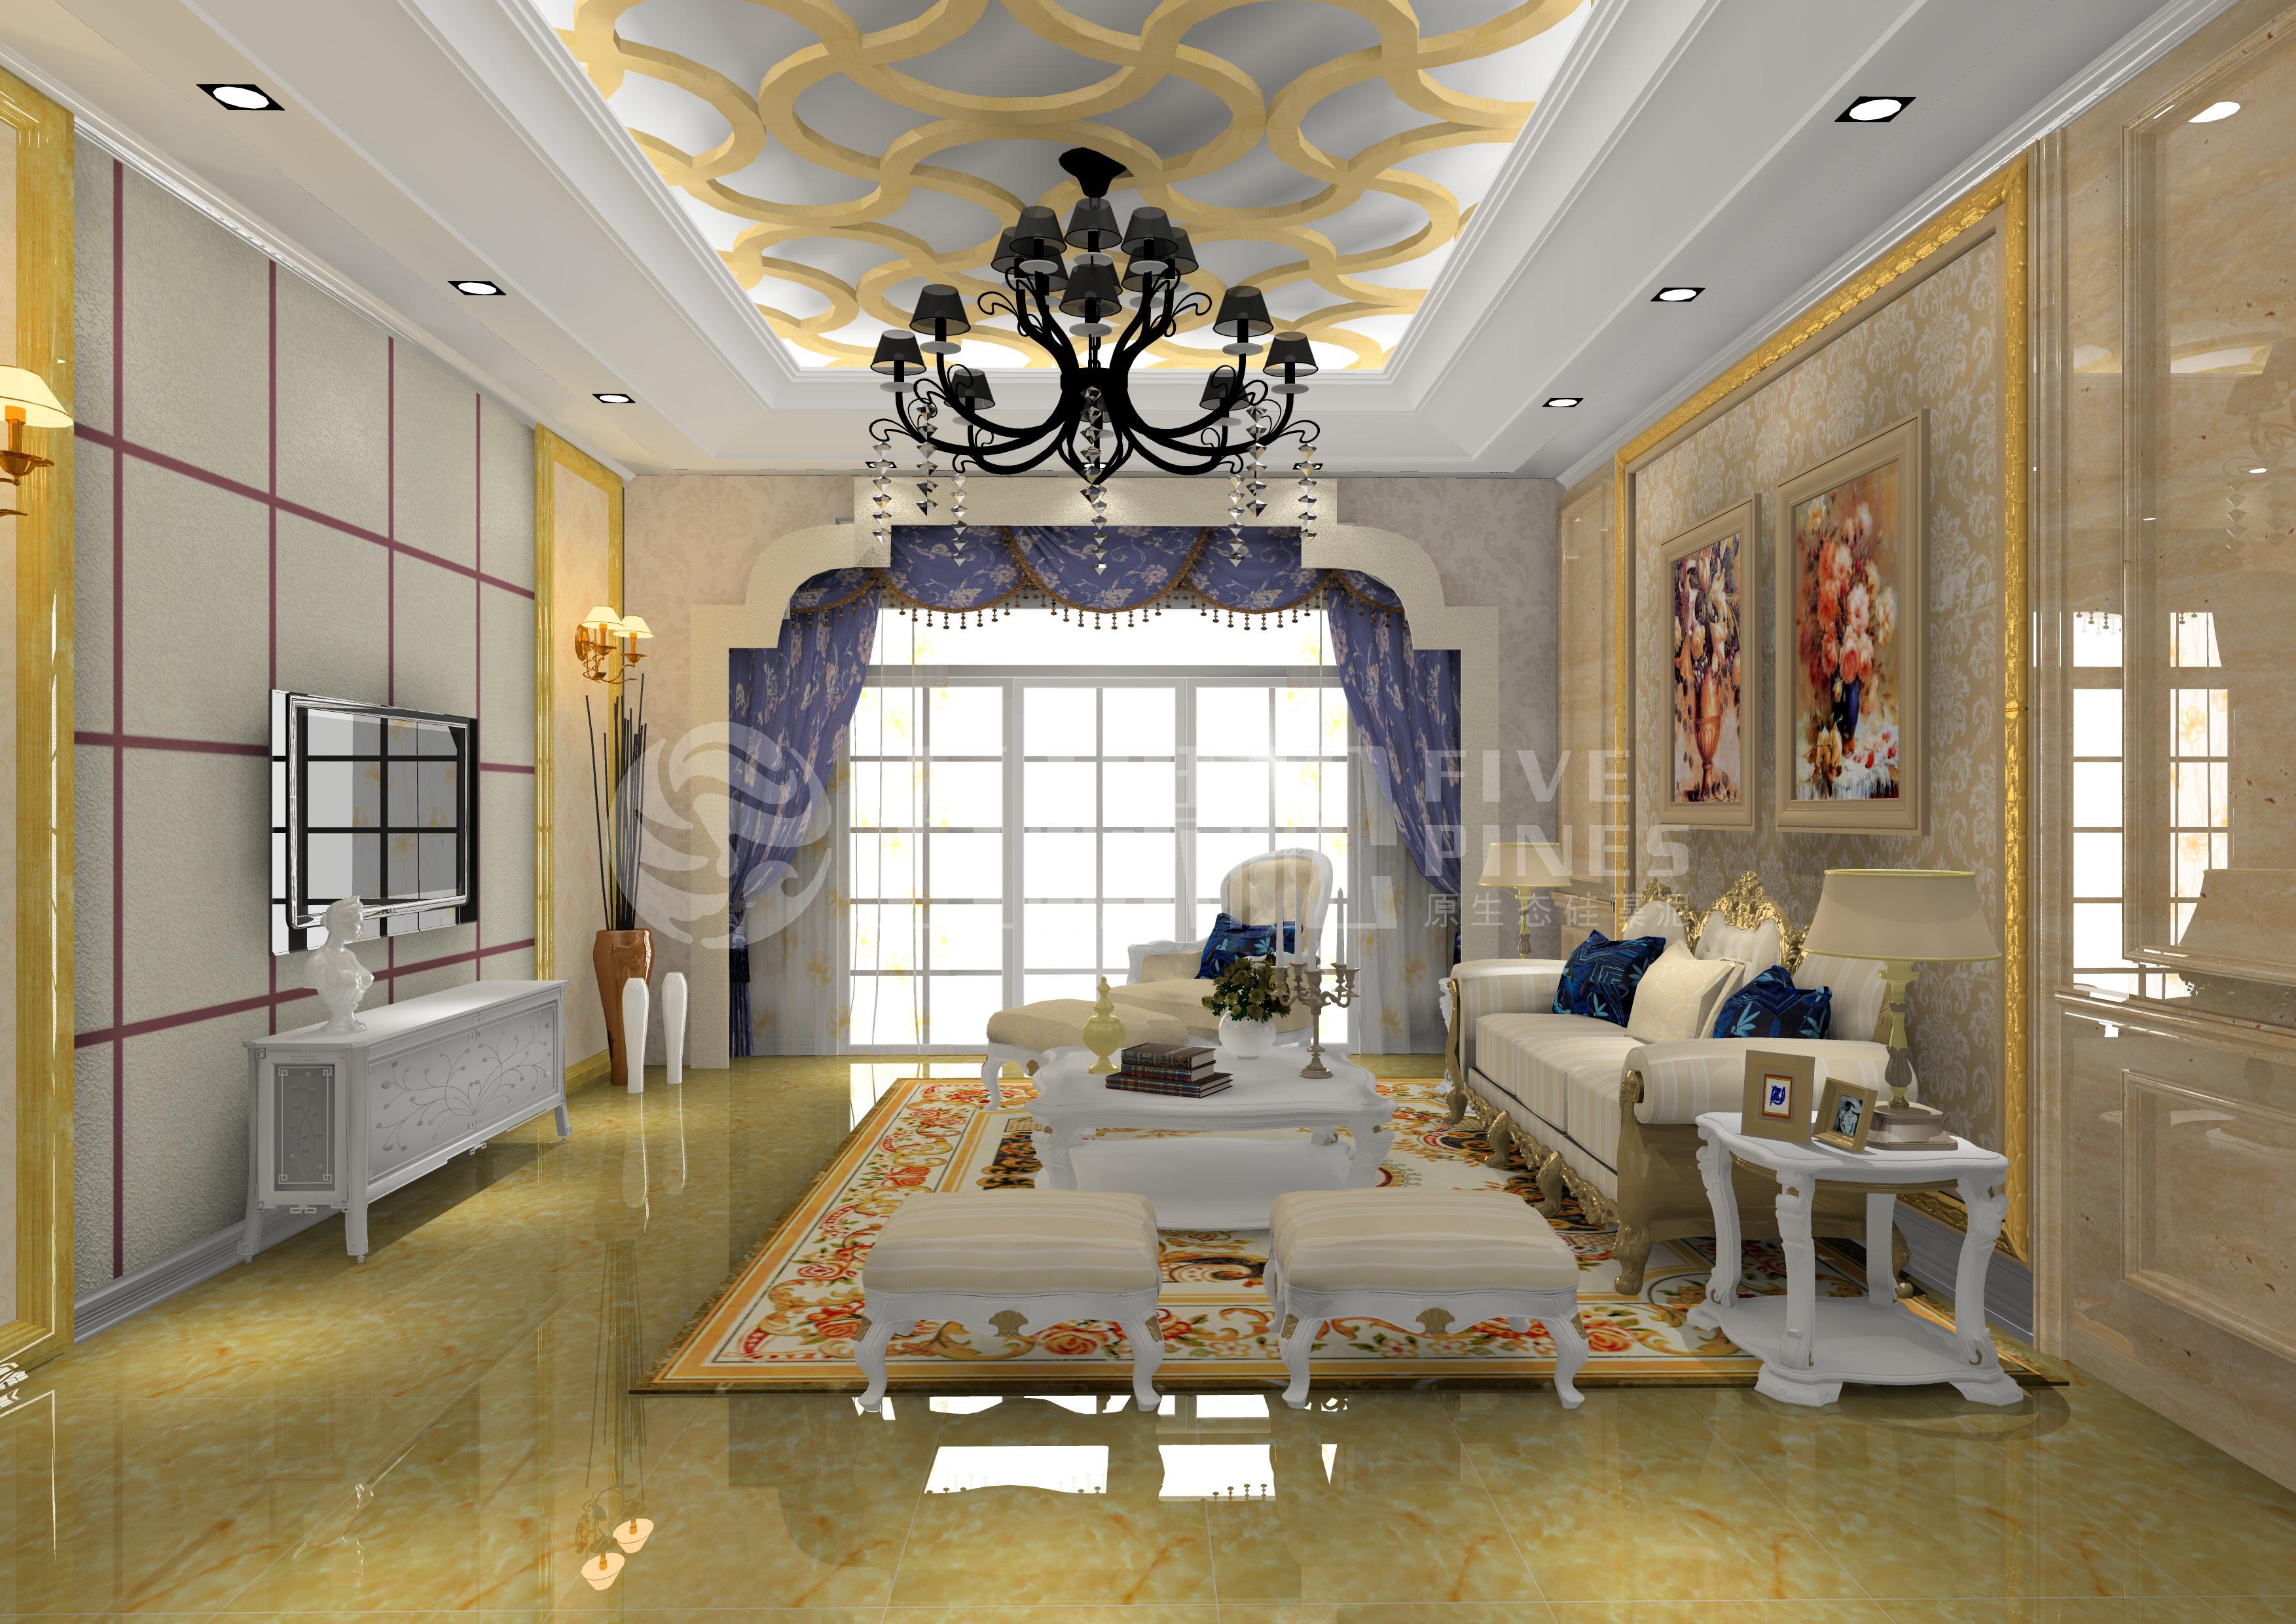 硅藻泥丝网印&浮雕 客厅 欧式风格(100抵500)